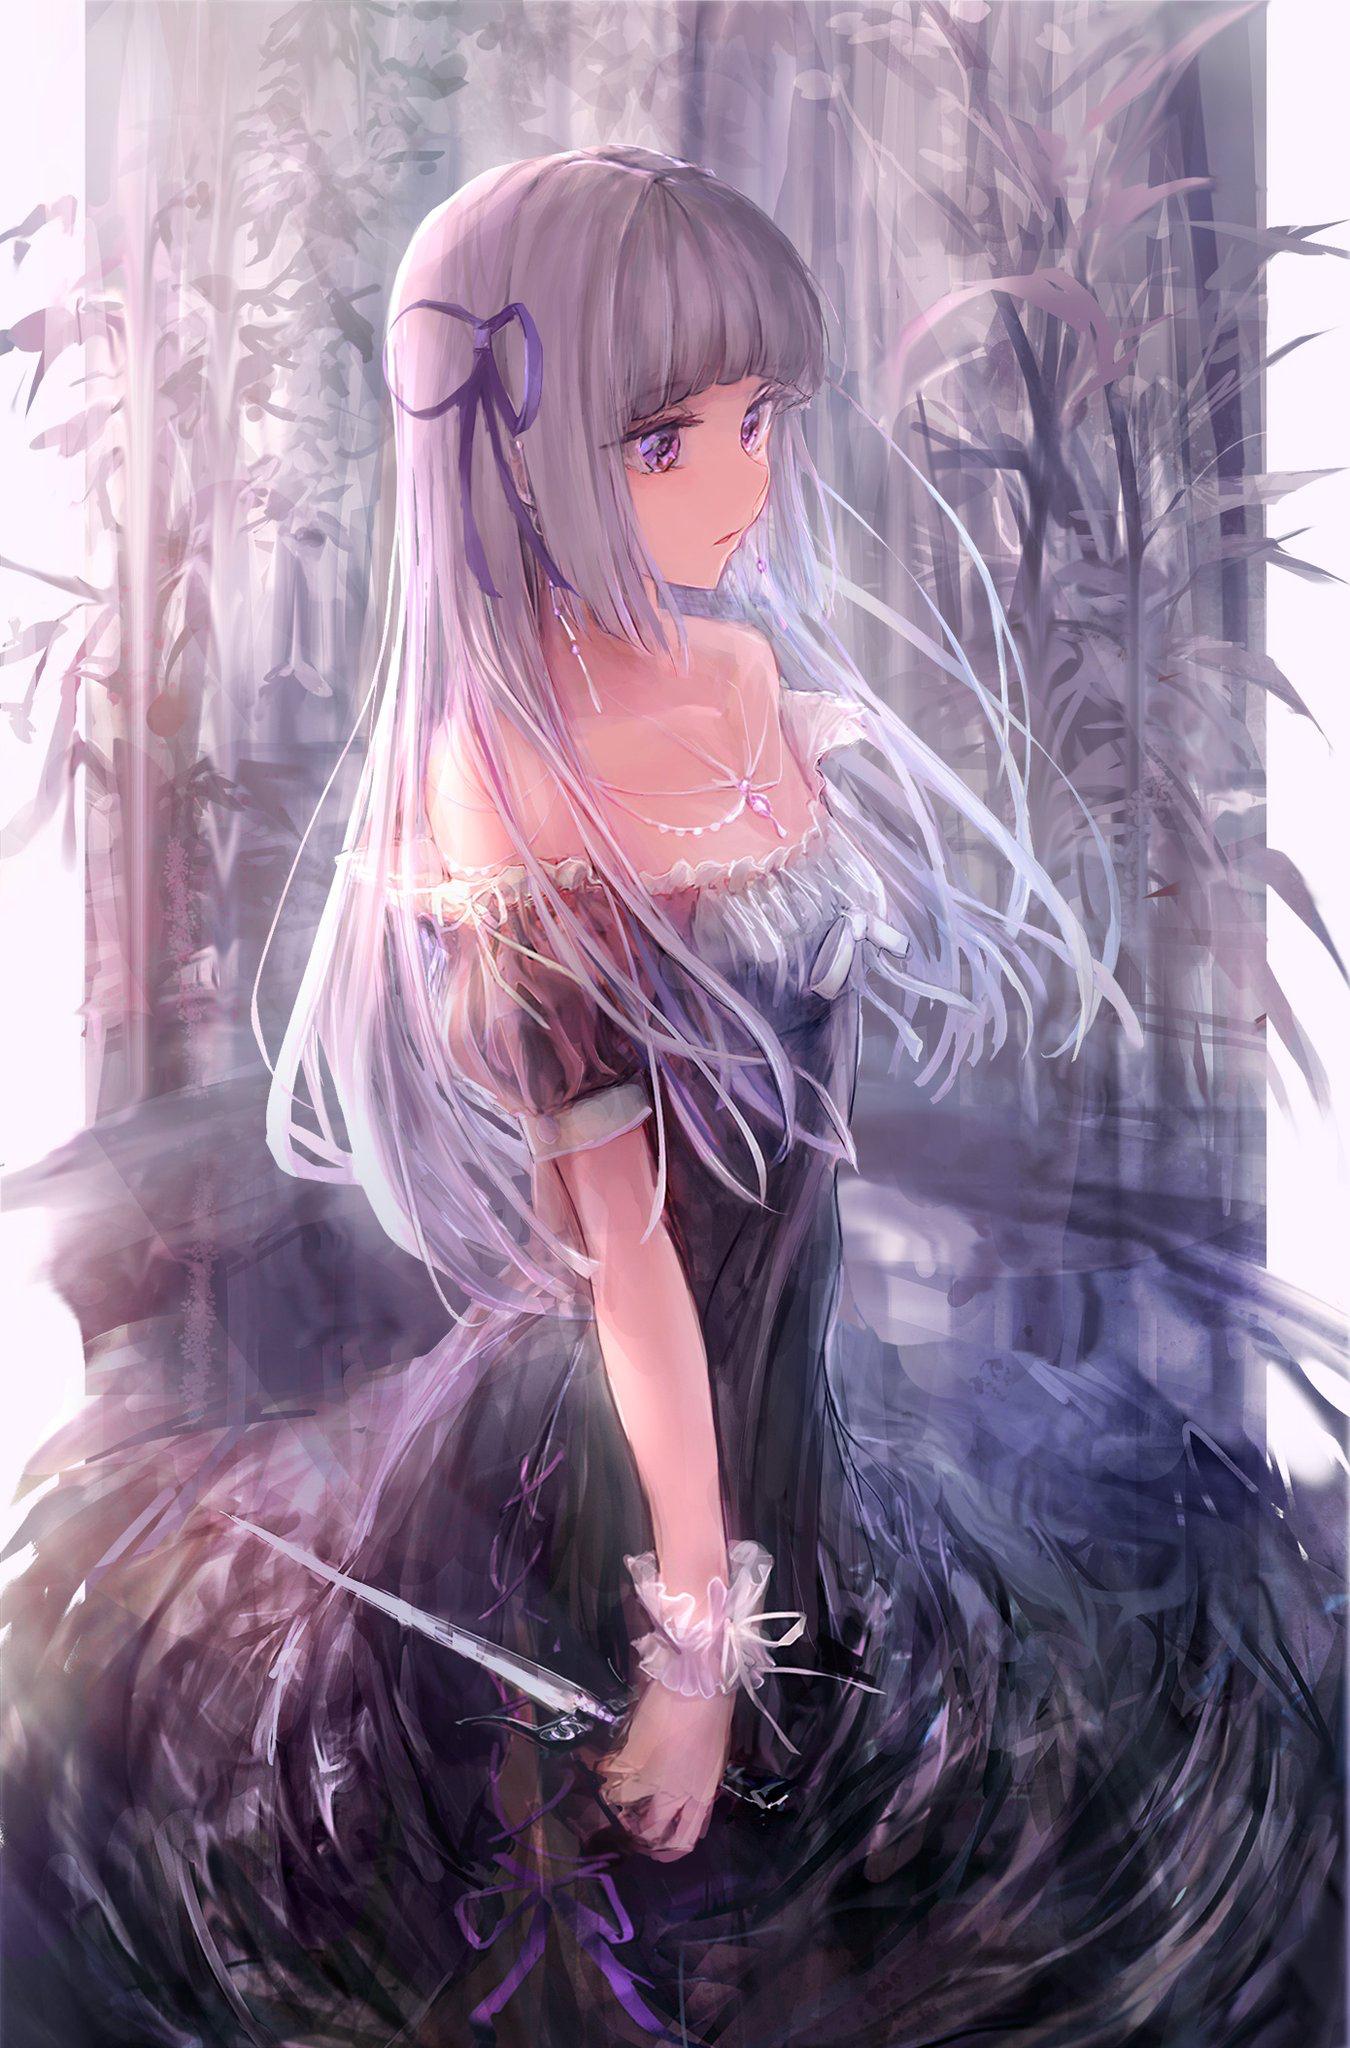 636 hình ảnh đẹp nhất về anime cô đơn trong 2020 | Anime, Nghệ ...